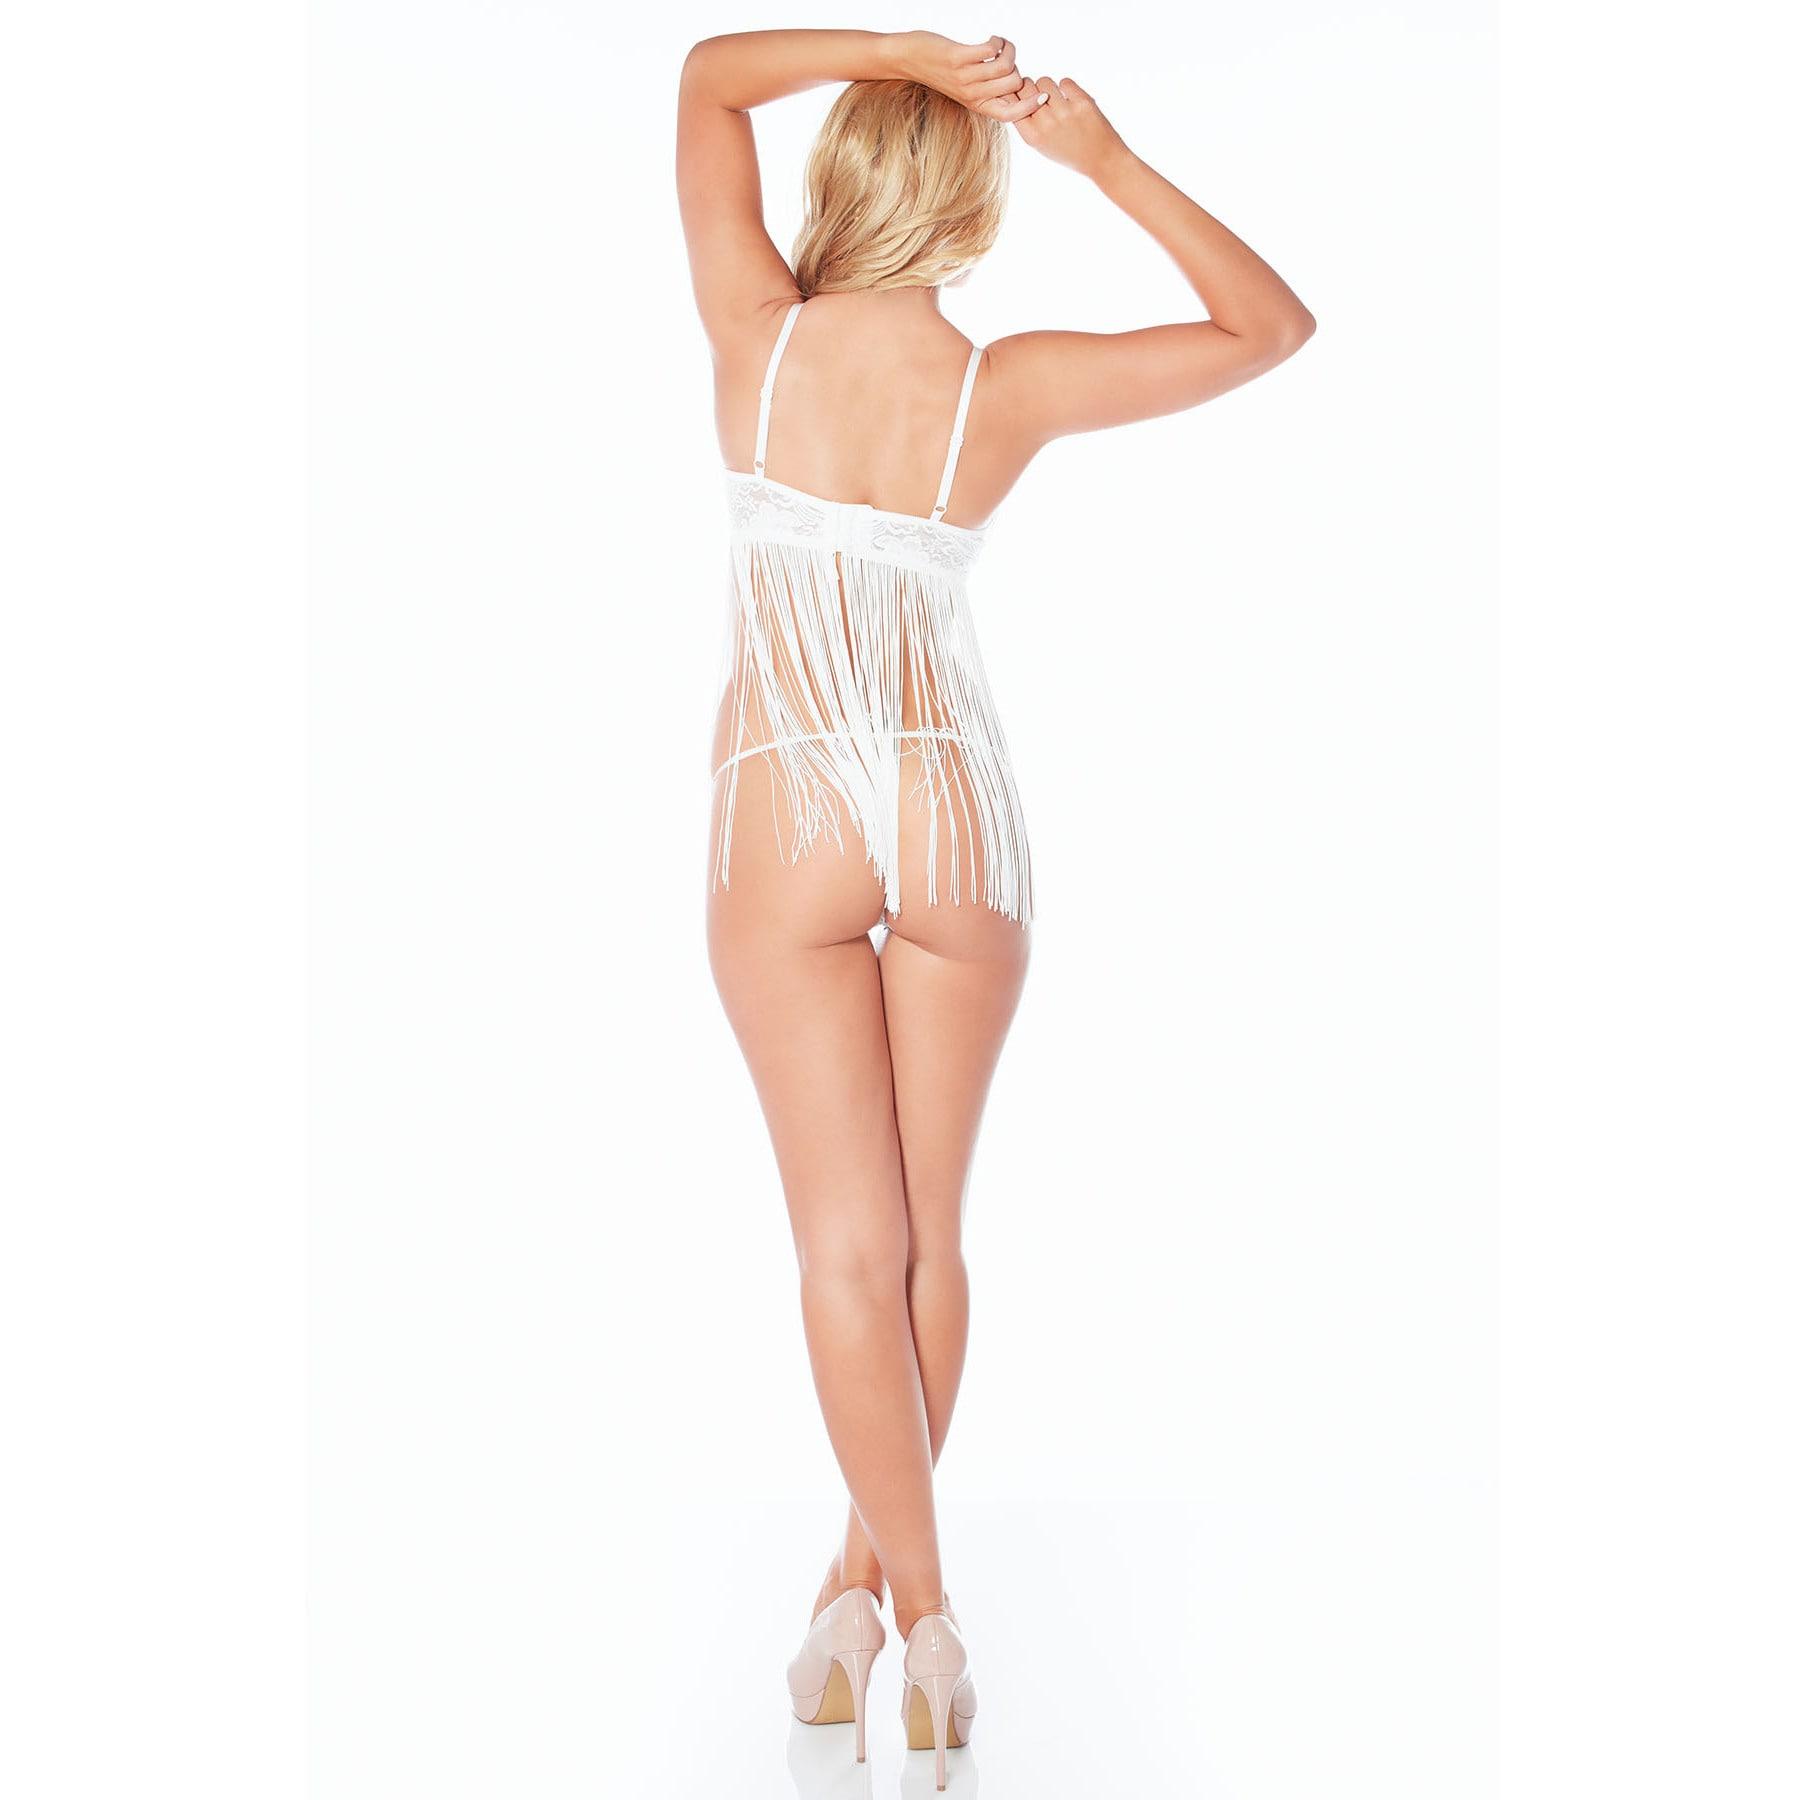 de20c403cd Shop Rhonda Shear Harlequin Women s Fringe Lingerie Set - Free Shipping On  Orders Over  45 - Overstock - 11915034